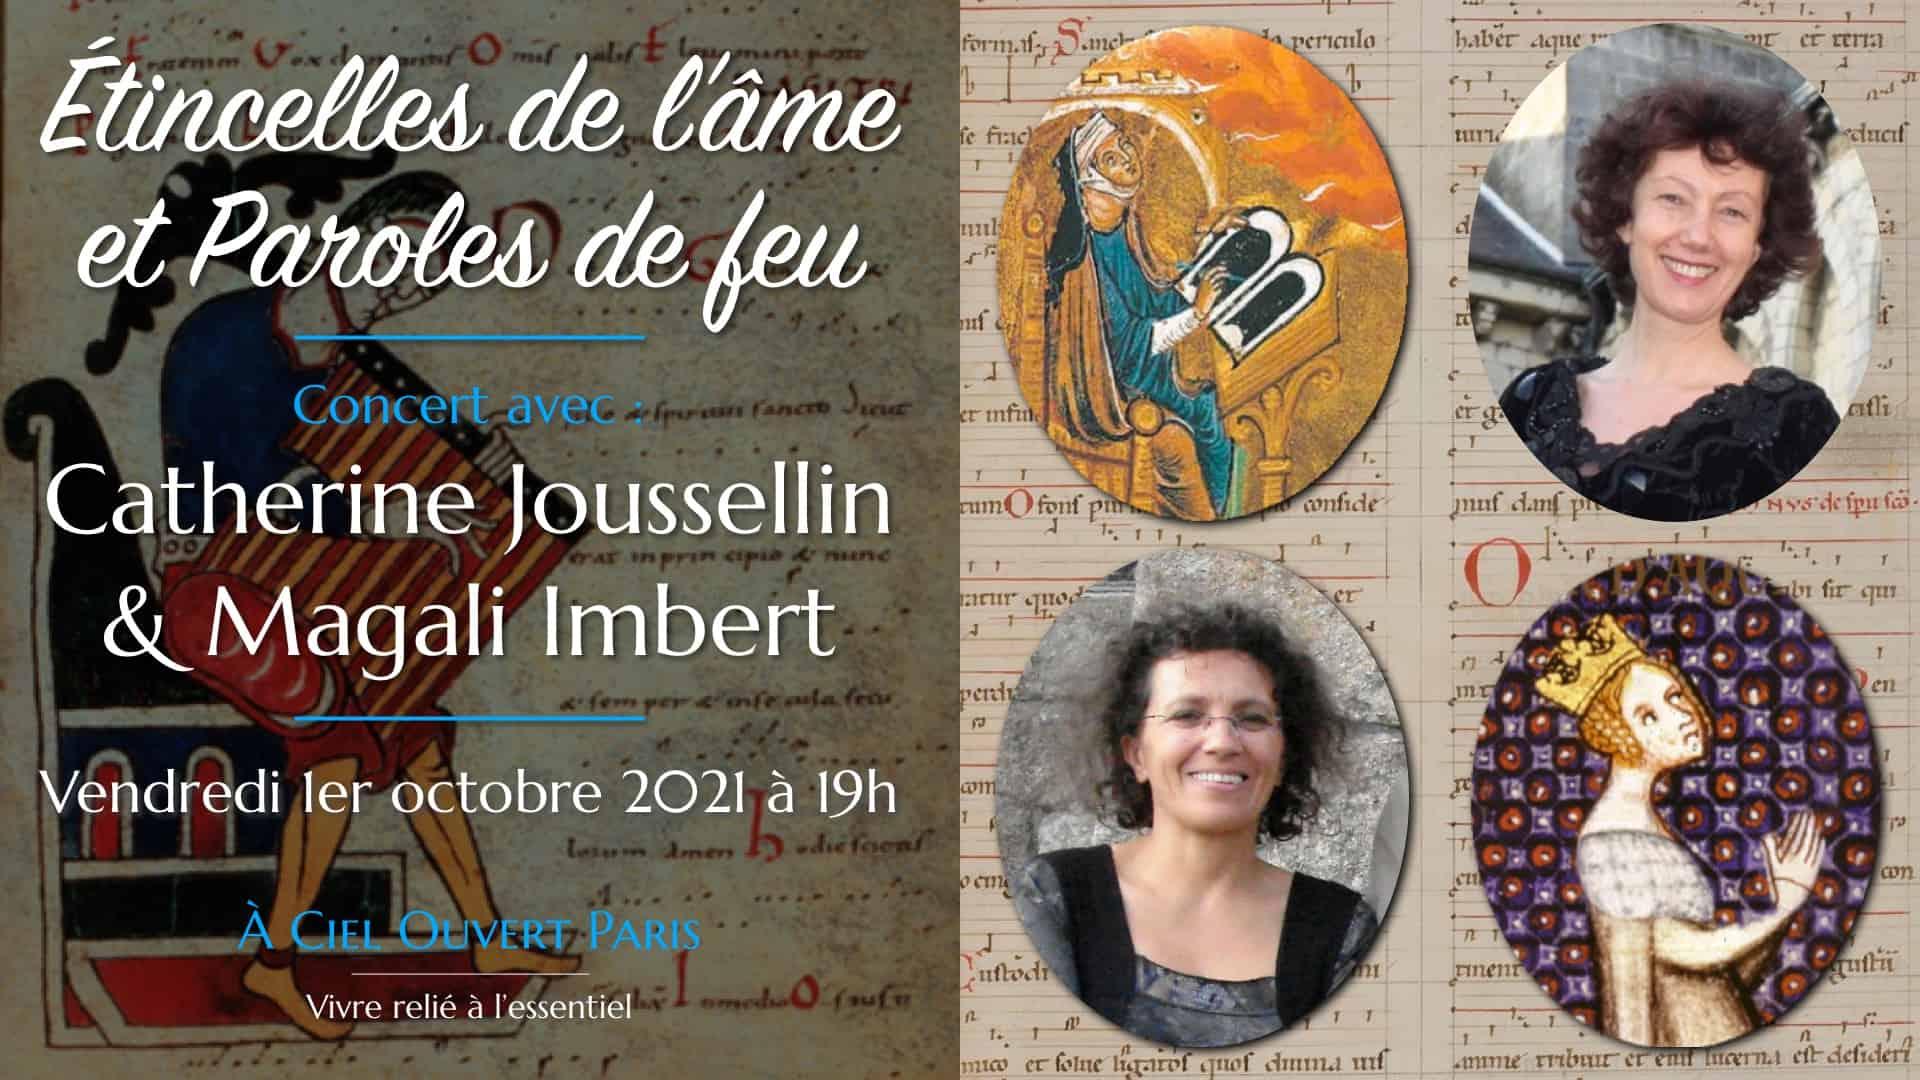 Étincelles de l'âme et Paroles de feu – Catherine Joussellin & Magali Imbert